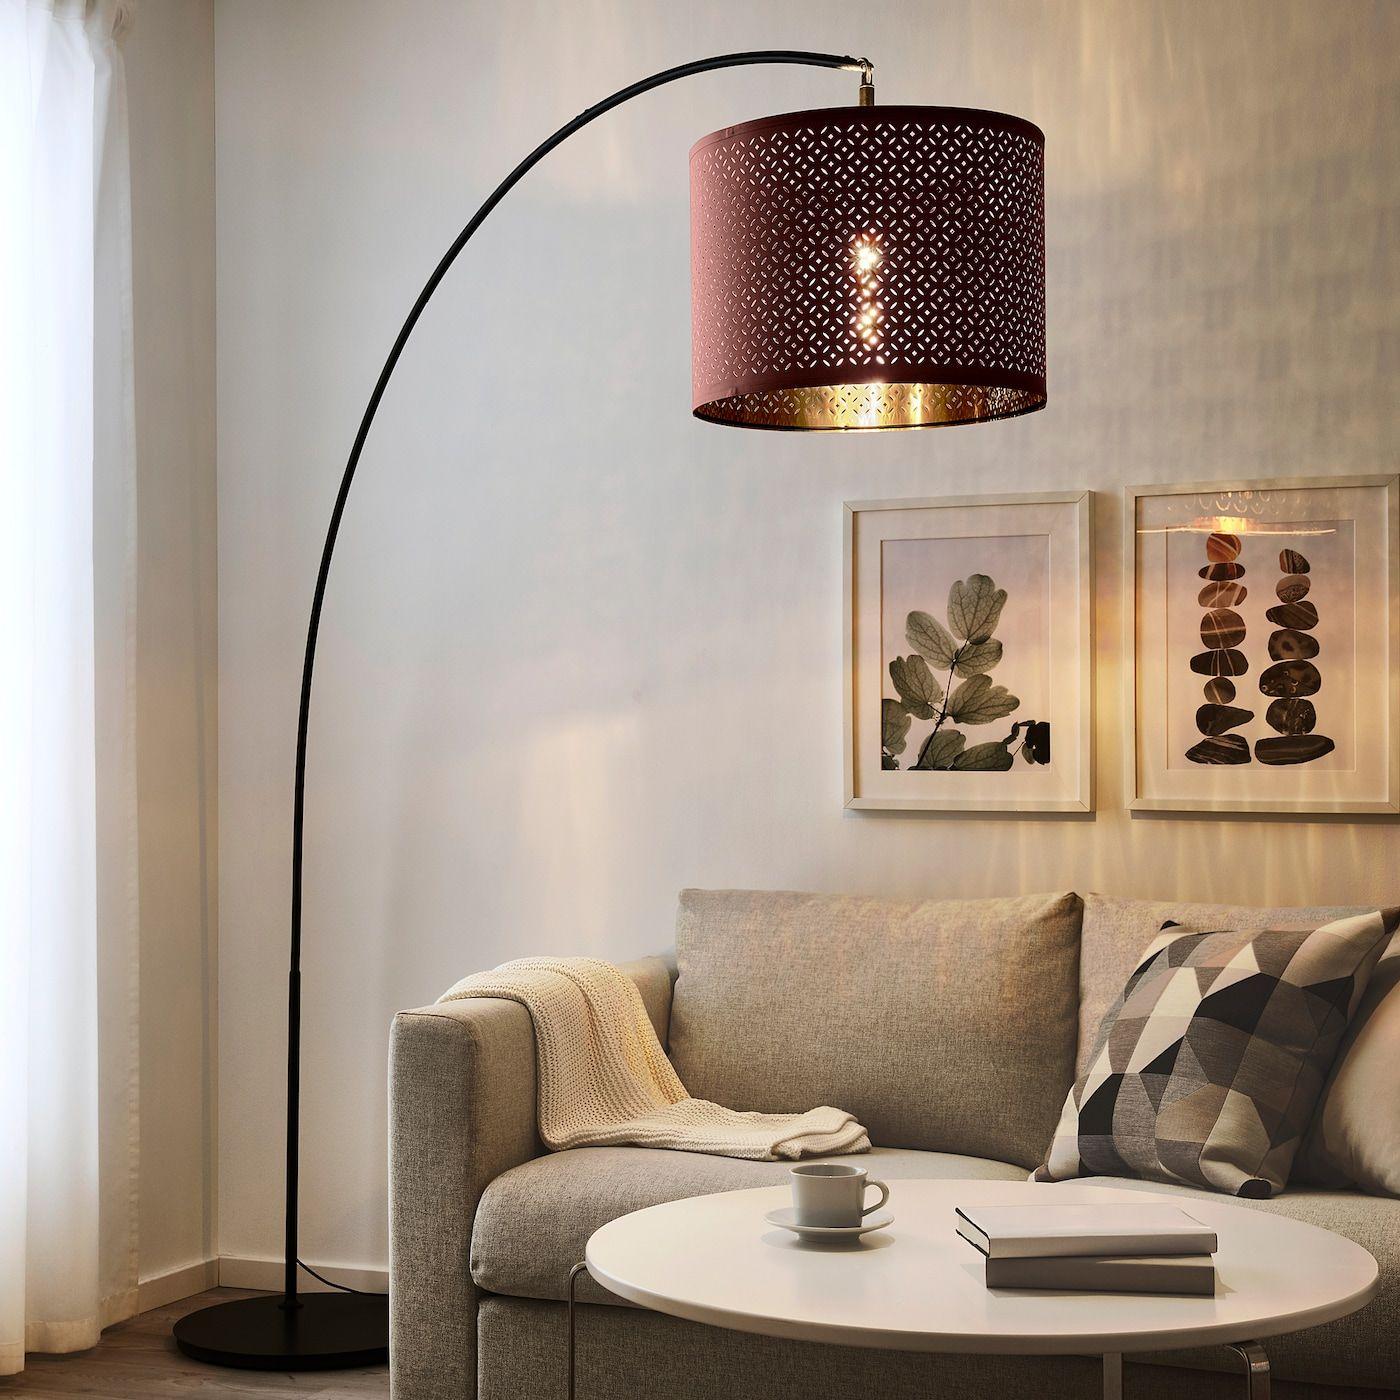 Full Size of Ikea Bogenlampe Nym Skaftet Standleuchte Esstisch Miniküche Betten Bei Küche Kosten 160x200 Kaufen Sofa Mit Schlaffunktion Modulküche Wohnzimmer Ikea Bogenlampe